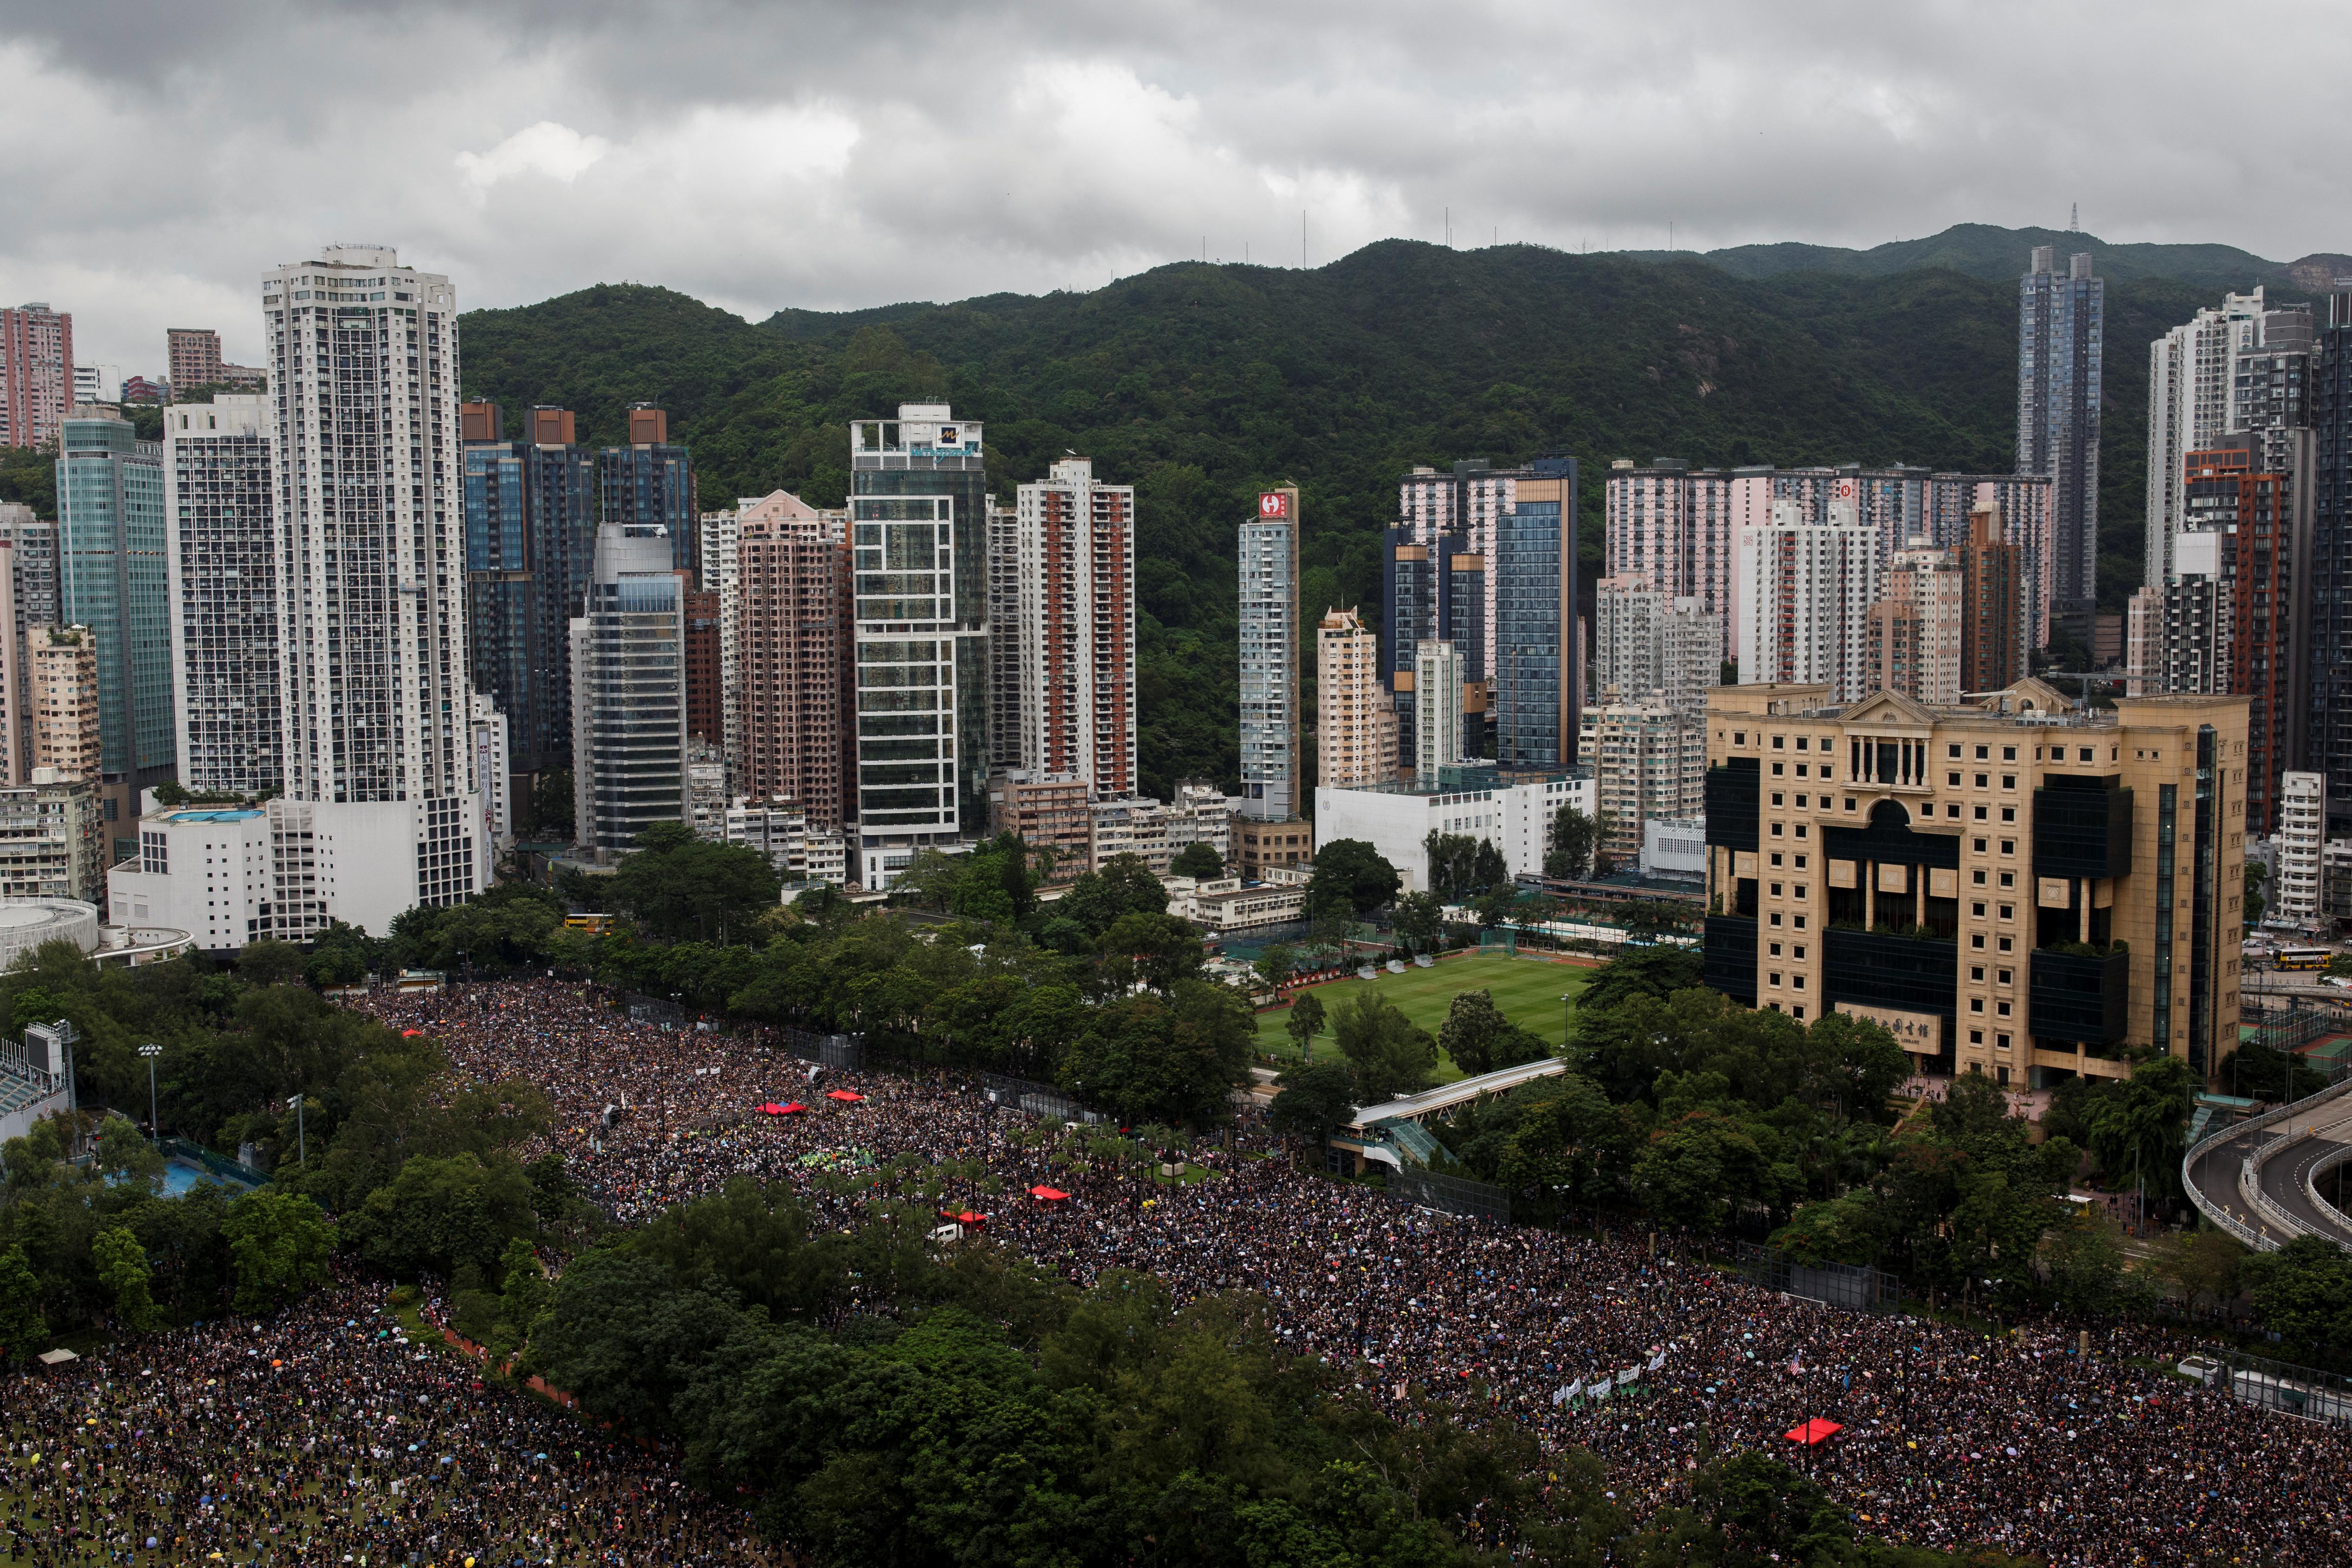 Les manifestants de Hong Kong parcourent les rues sous la chaleur et les fortes pluies